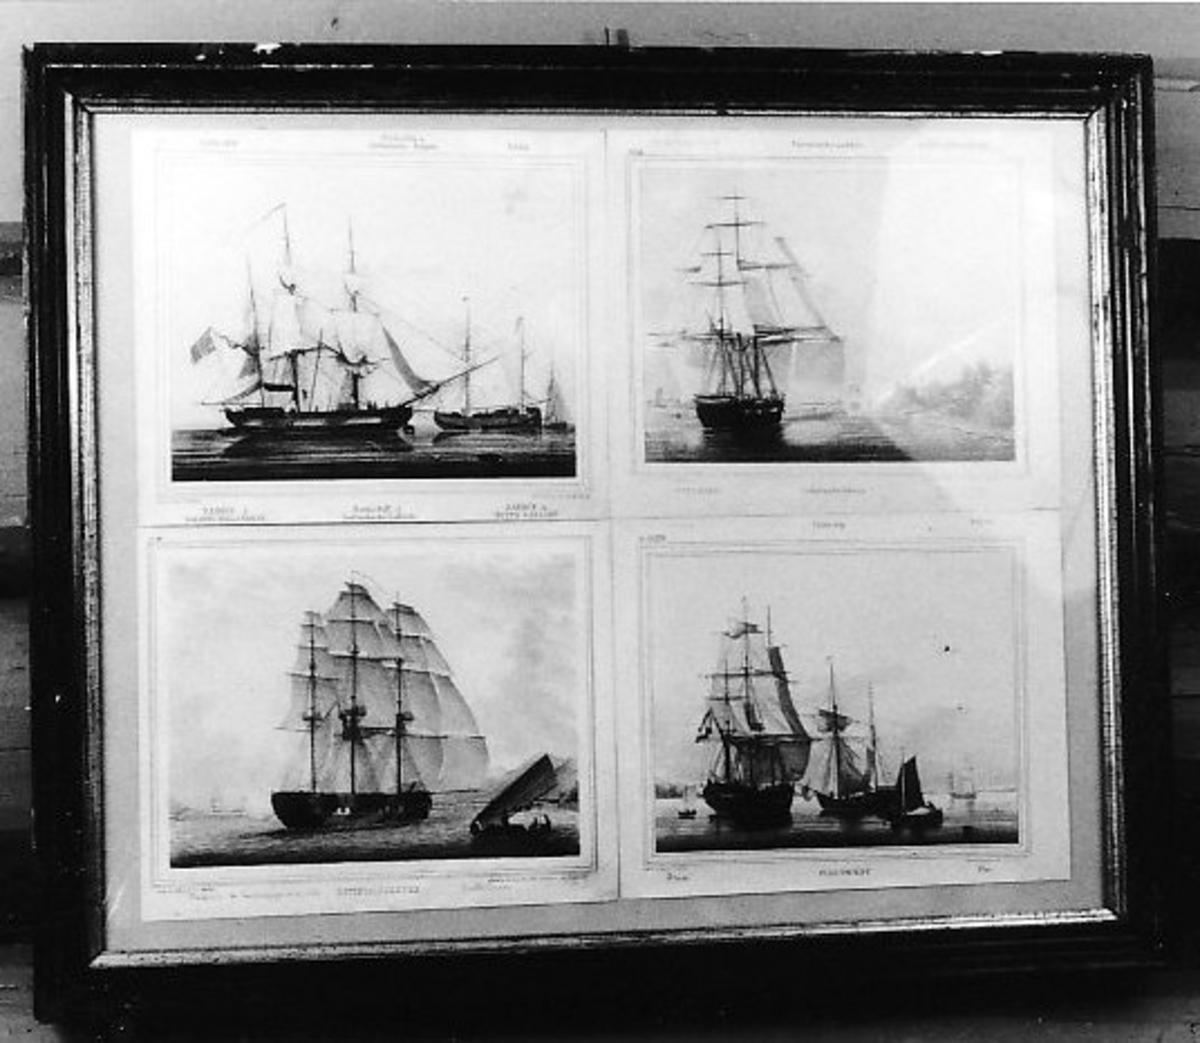 Seilskip, småbåter, strand  Ostindiafarer, Fløite, Barkskip, Bark, Grønlandsfarer,